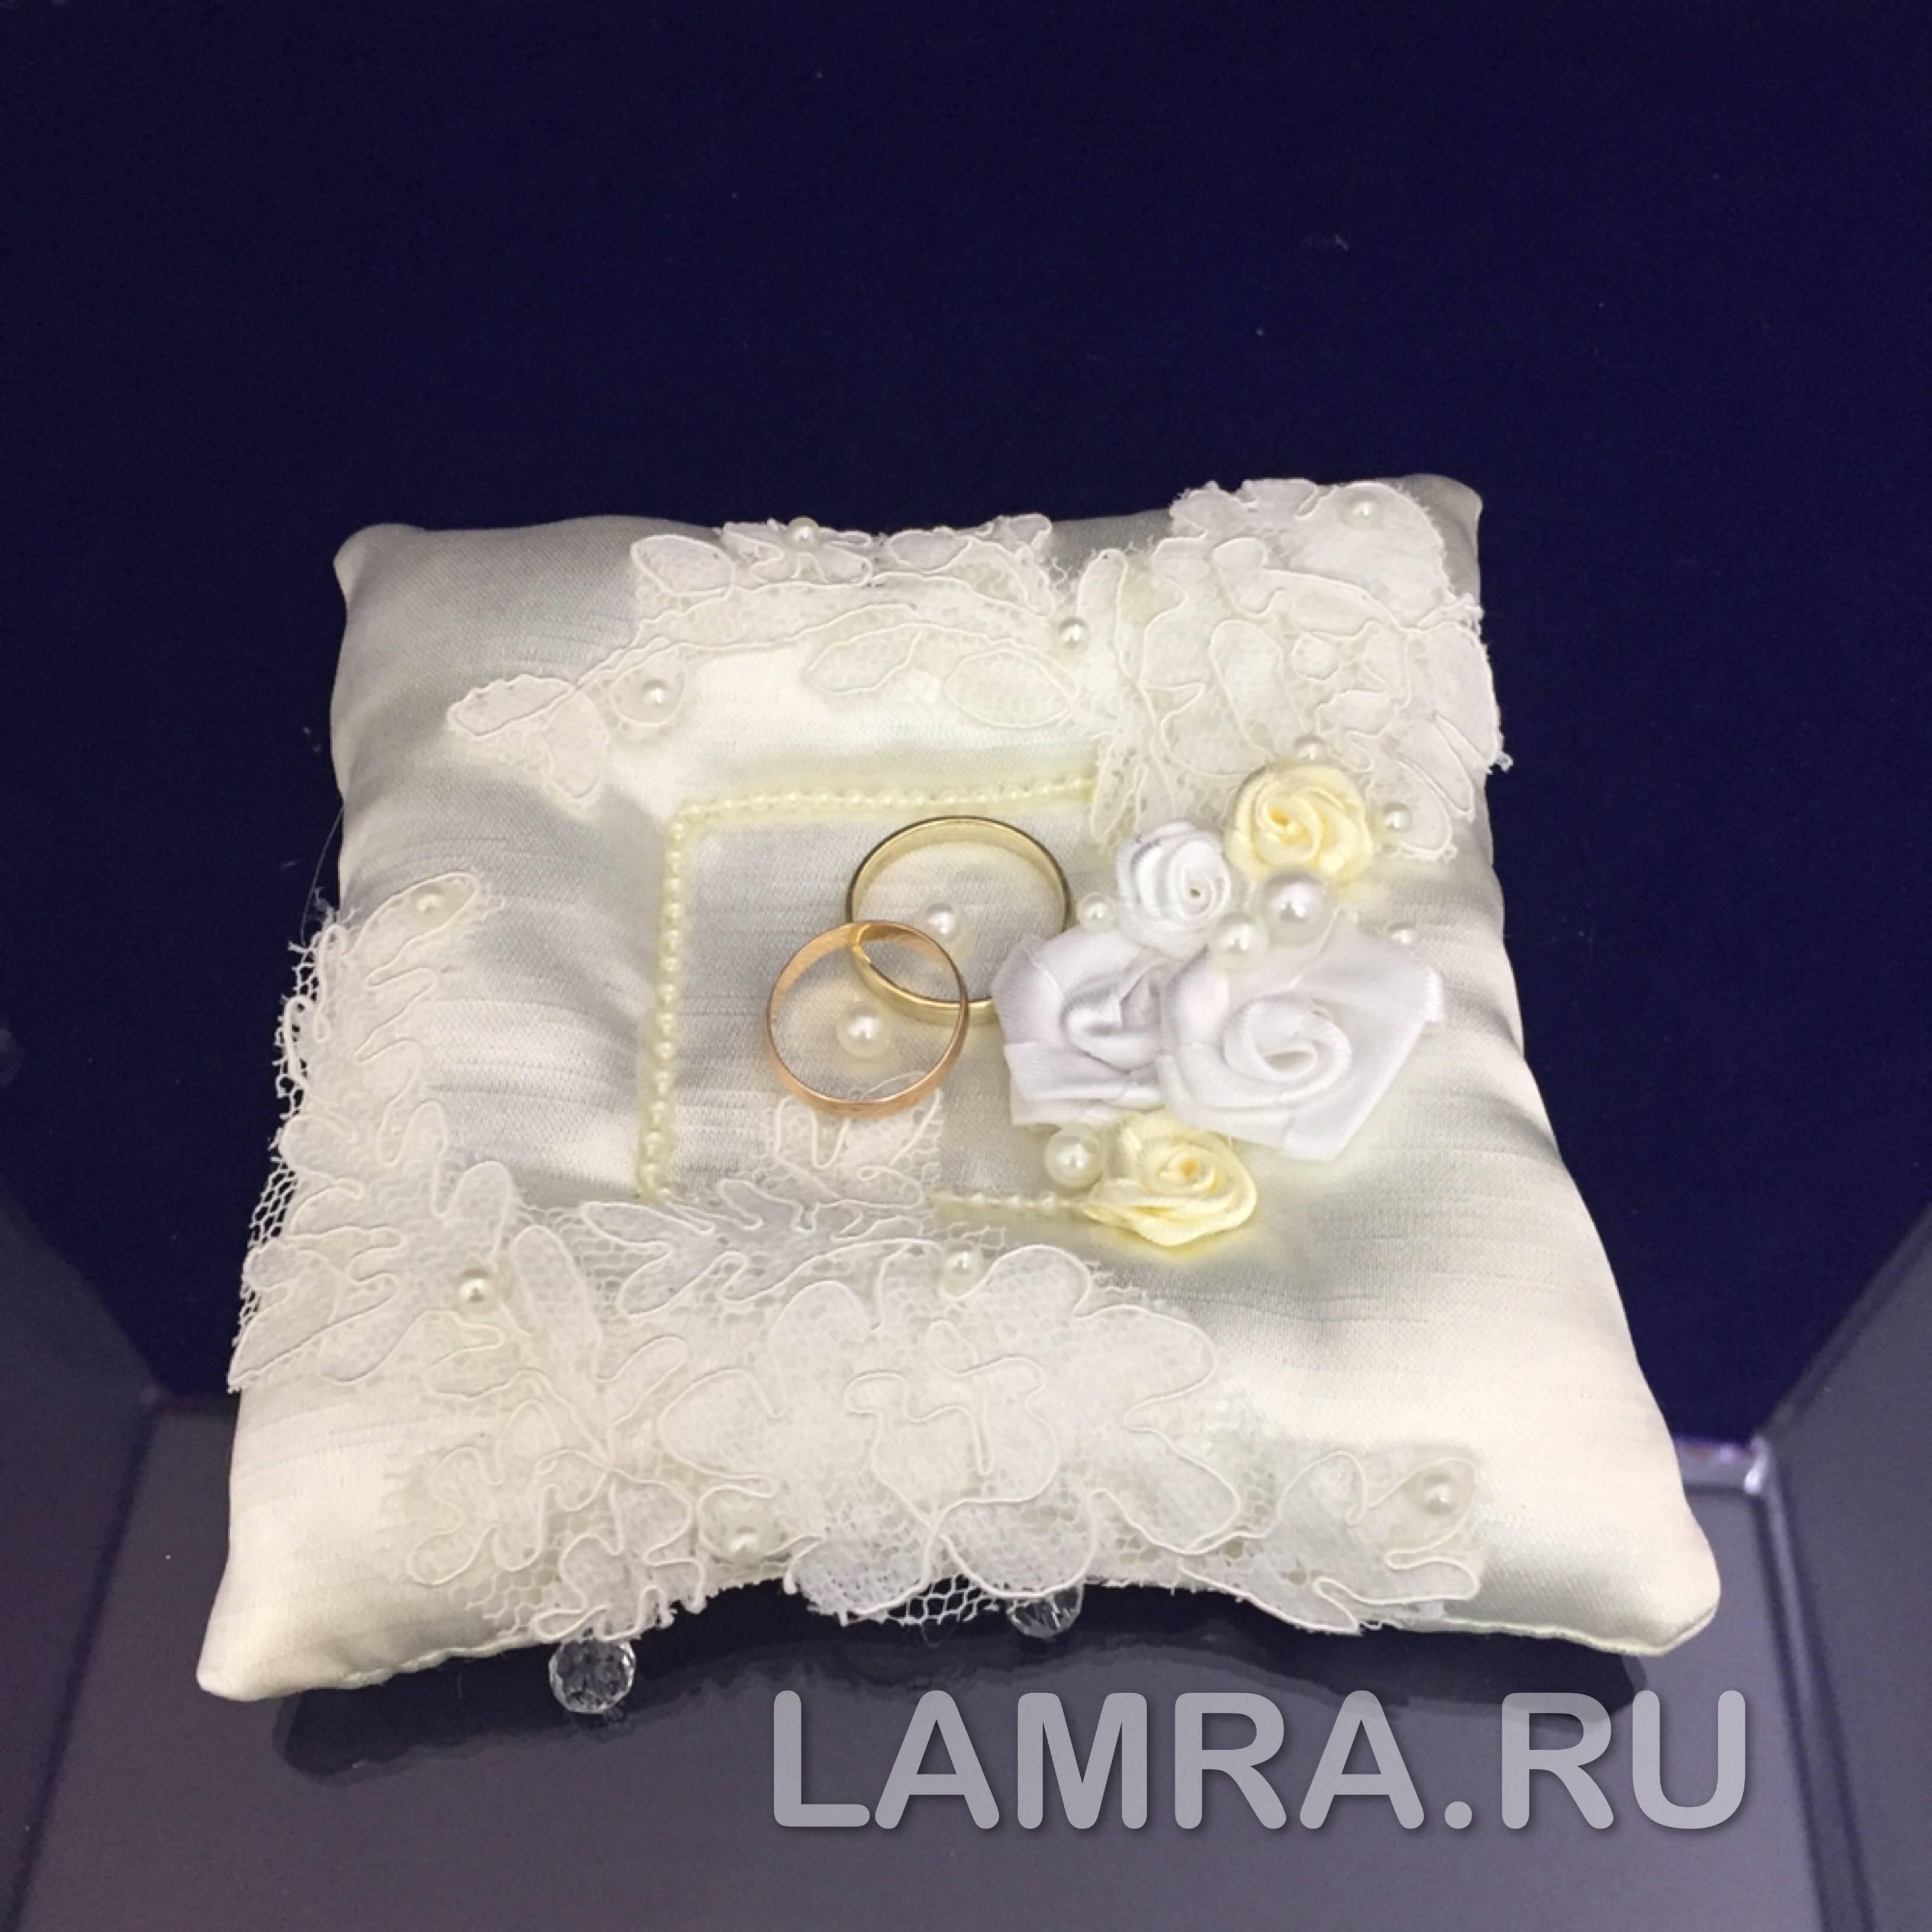 Декоративные подушки своими руками — 130 фото красивых вариантов оформления, необычные идеи и советы по декору от мастеров